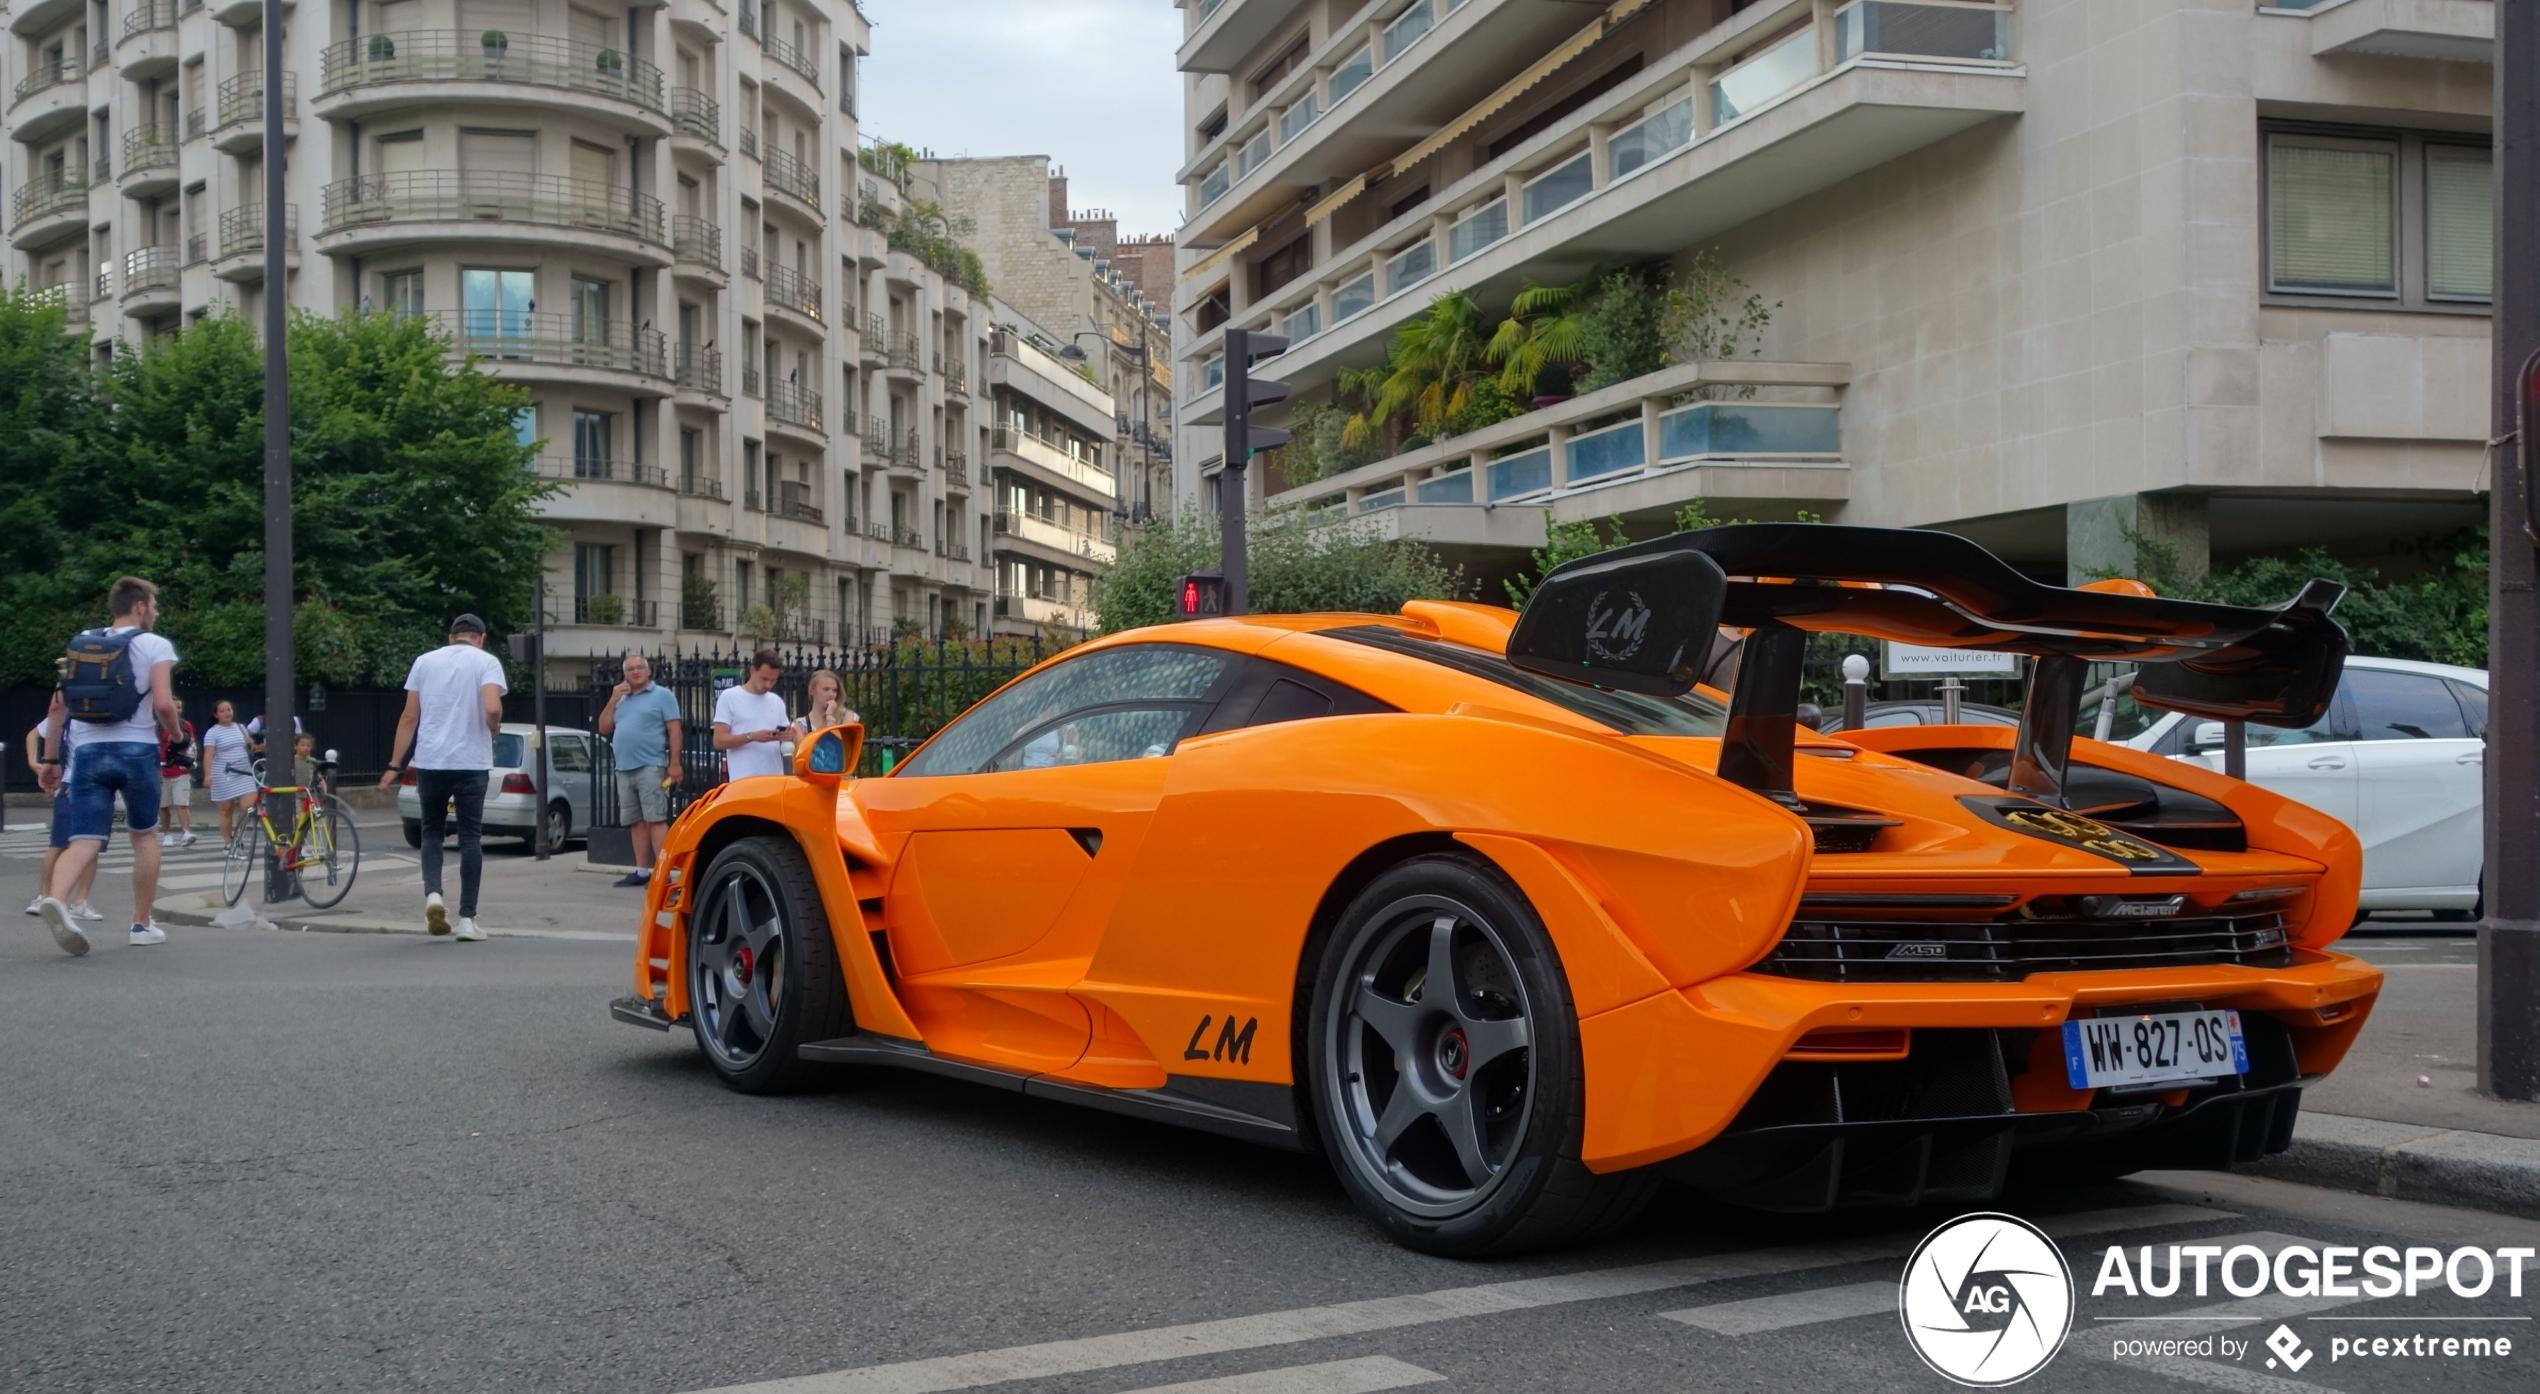 McLaren Senna LM zorgt voor kleur in Parijs